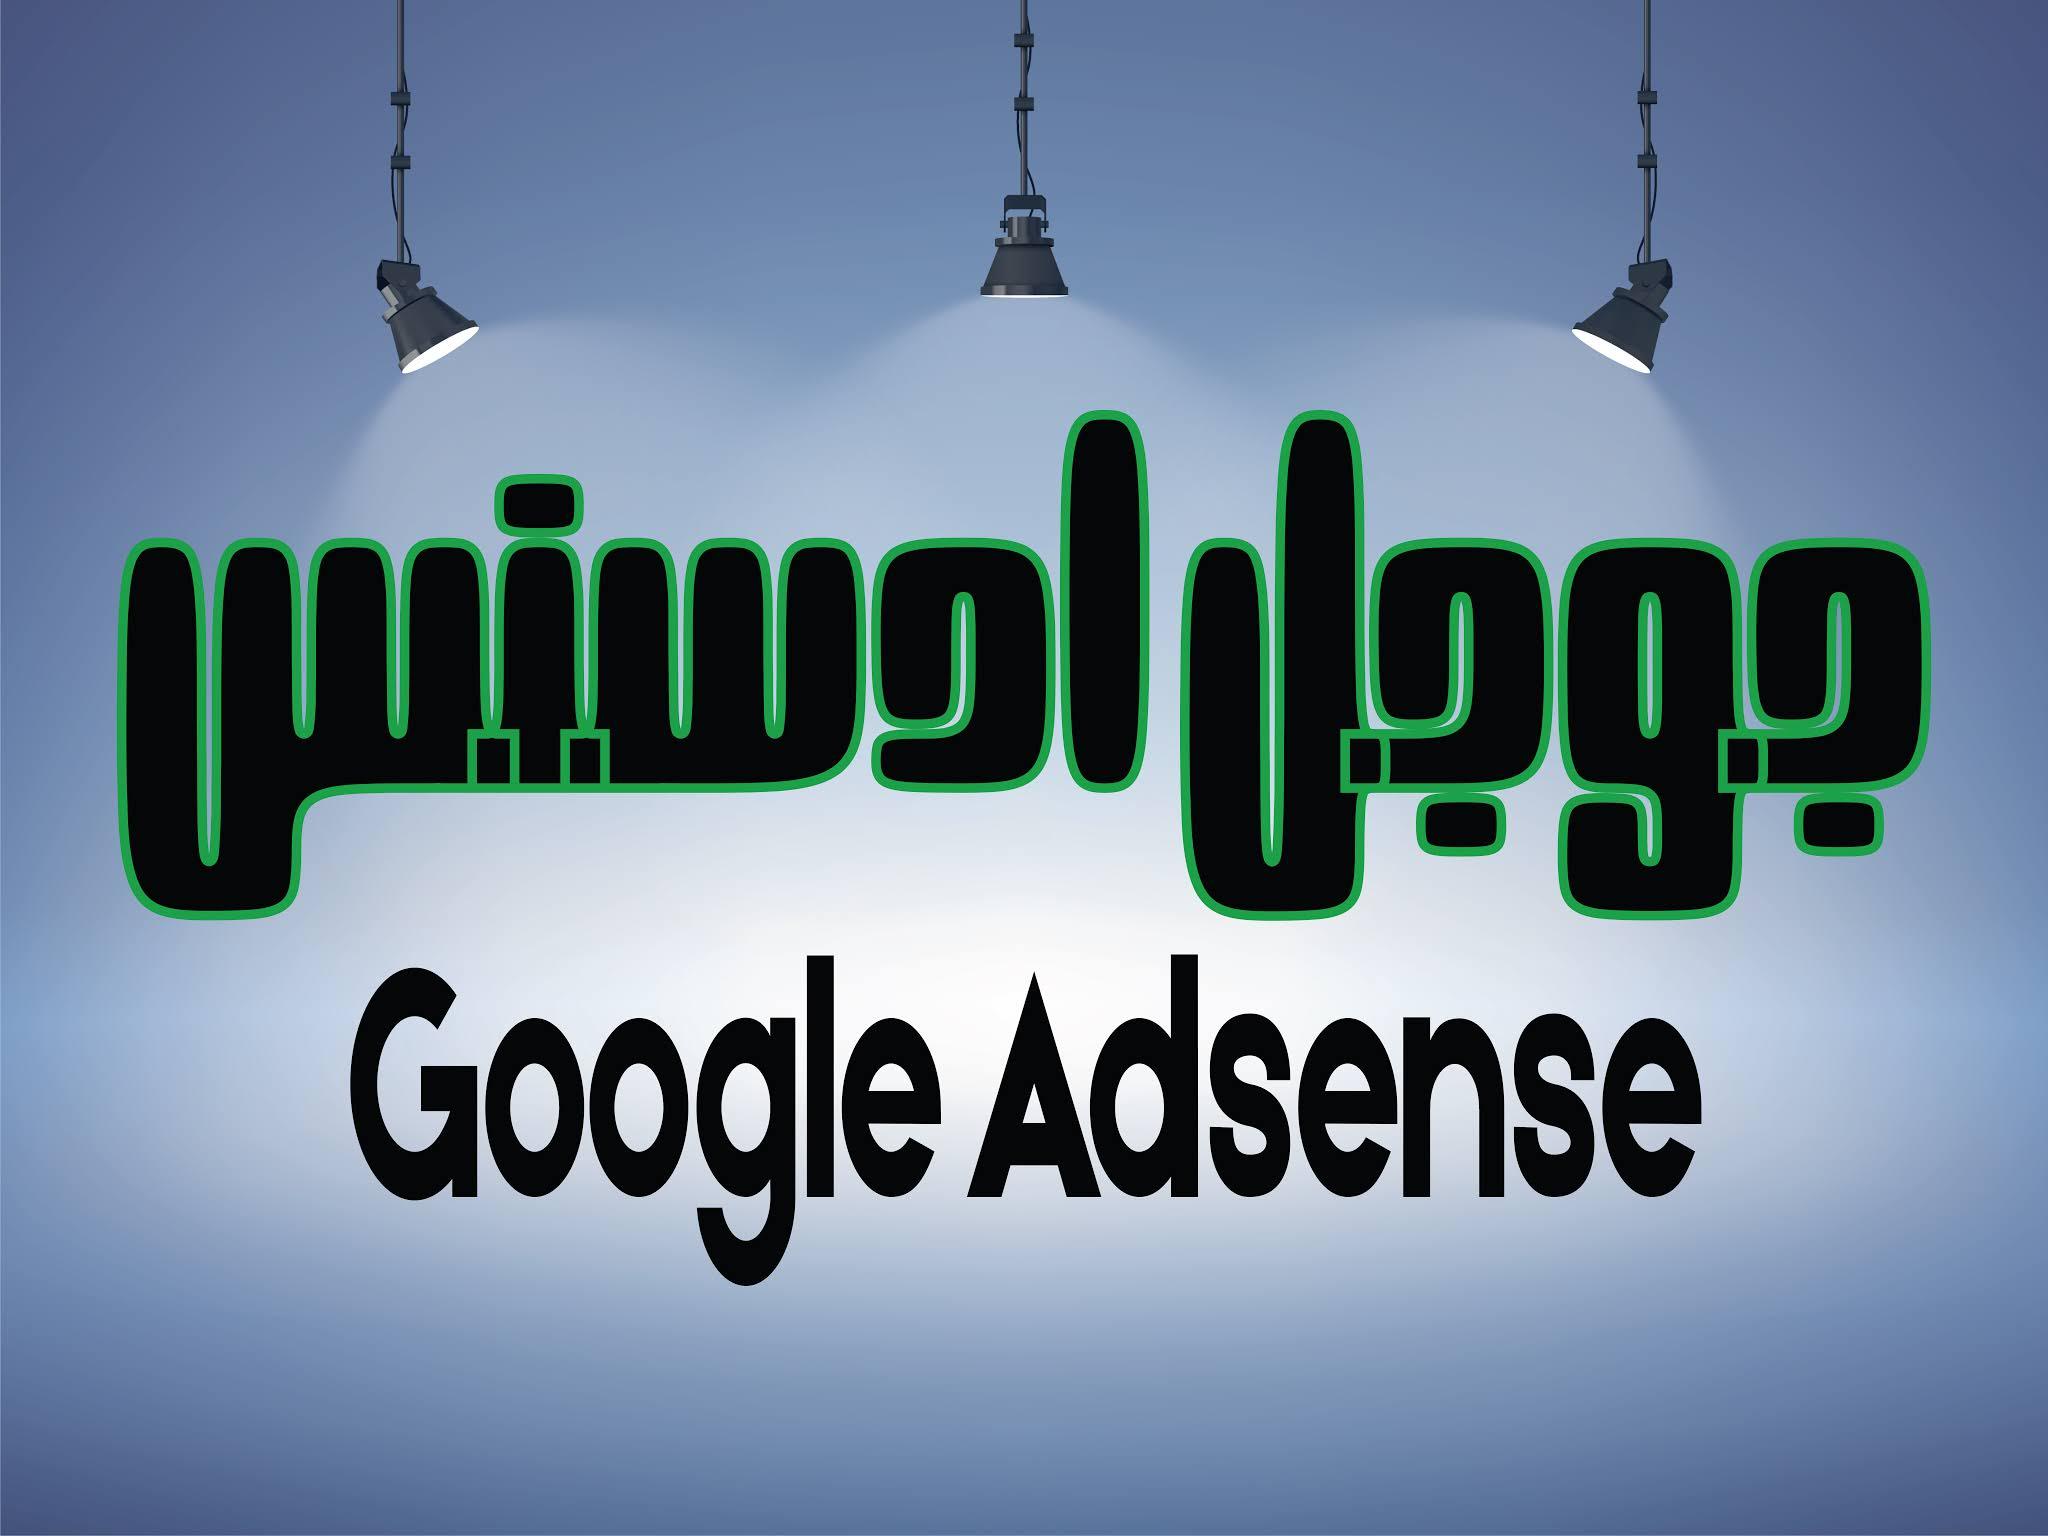 04 الدرس الرابع | ما هي جوجل ادسنس Google AdSense؟ افضل 10 اسئلة واجوبة عن جوجل ادسنس